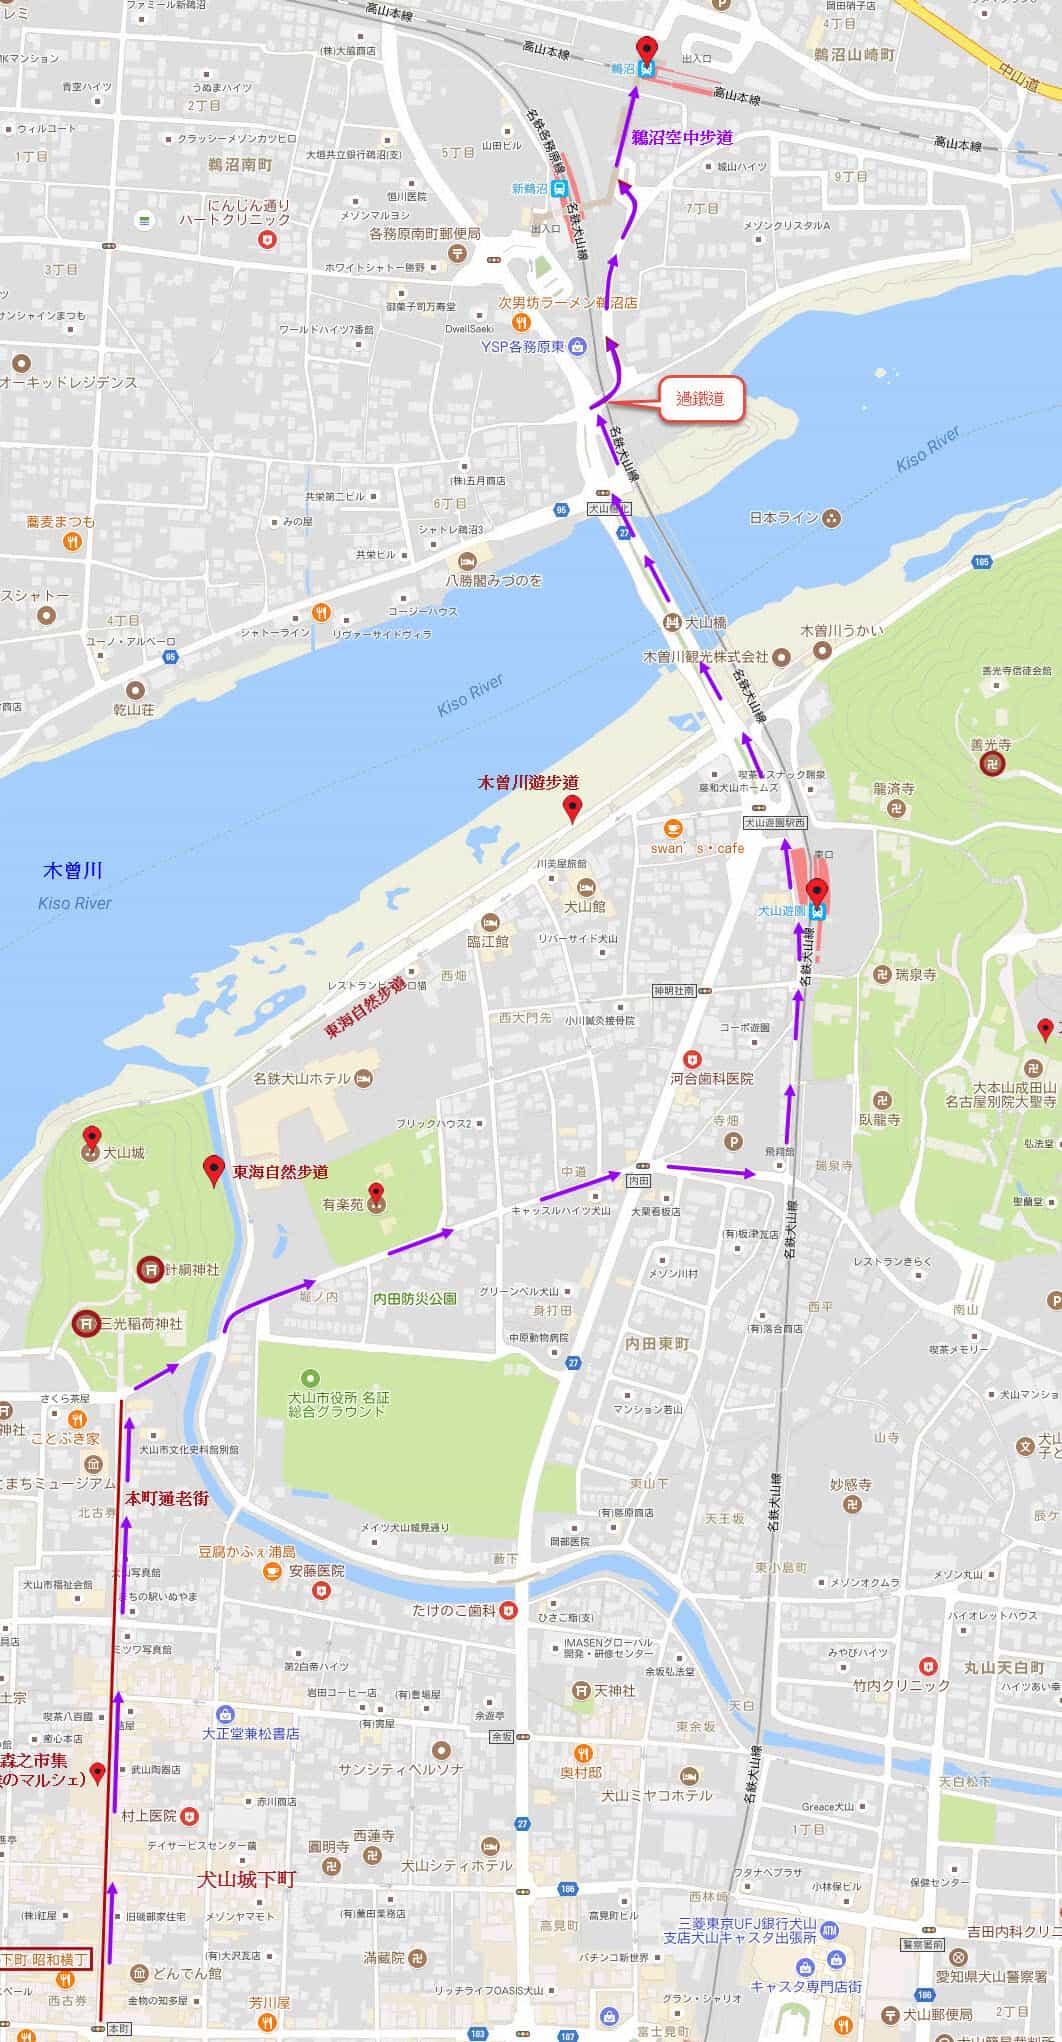 犬山城老街昭和橫丁步行往 JR 鵜沼駅路線圖